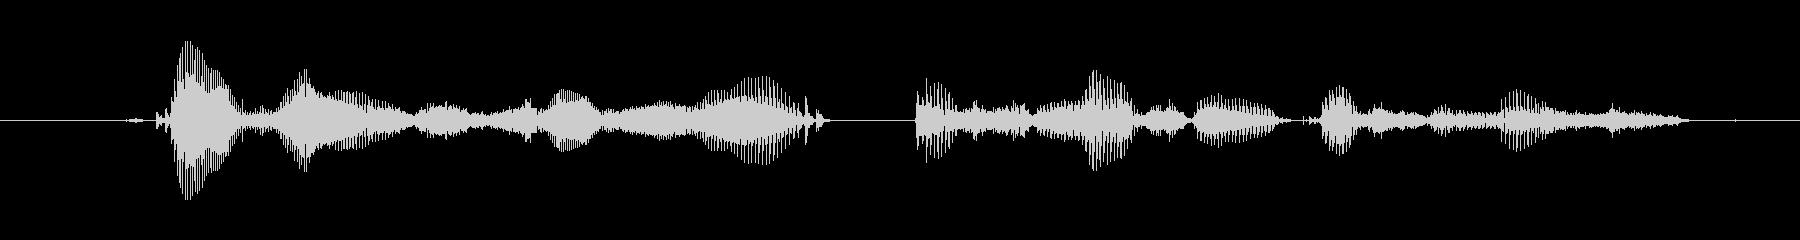 【時報・時間】午前7時を、お知らせいた…の未再生の波形